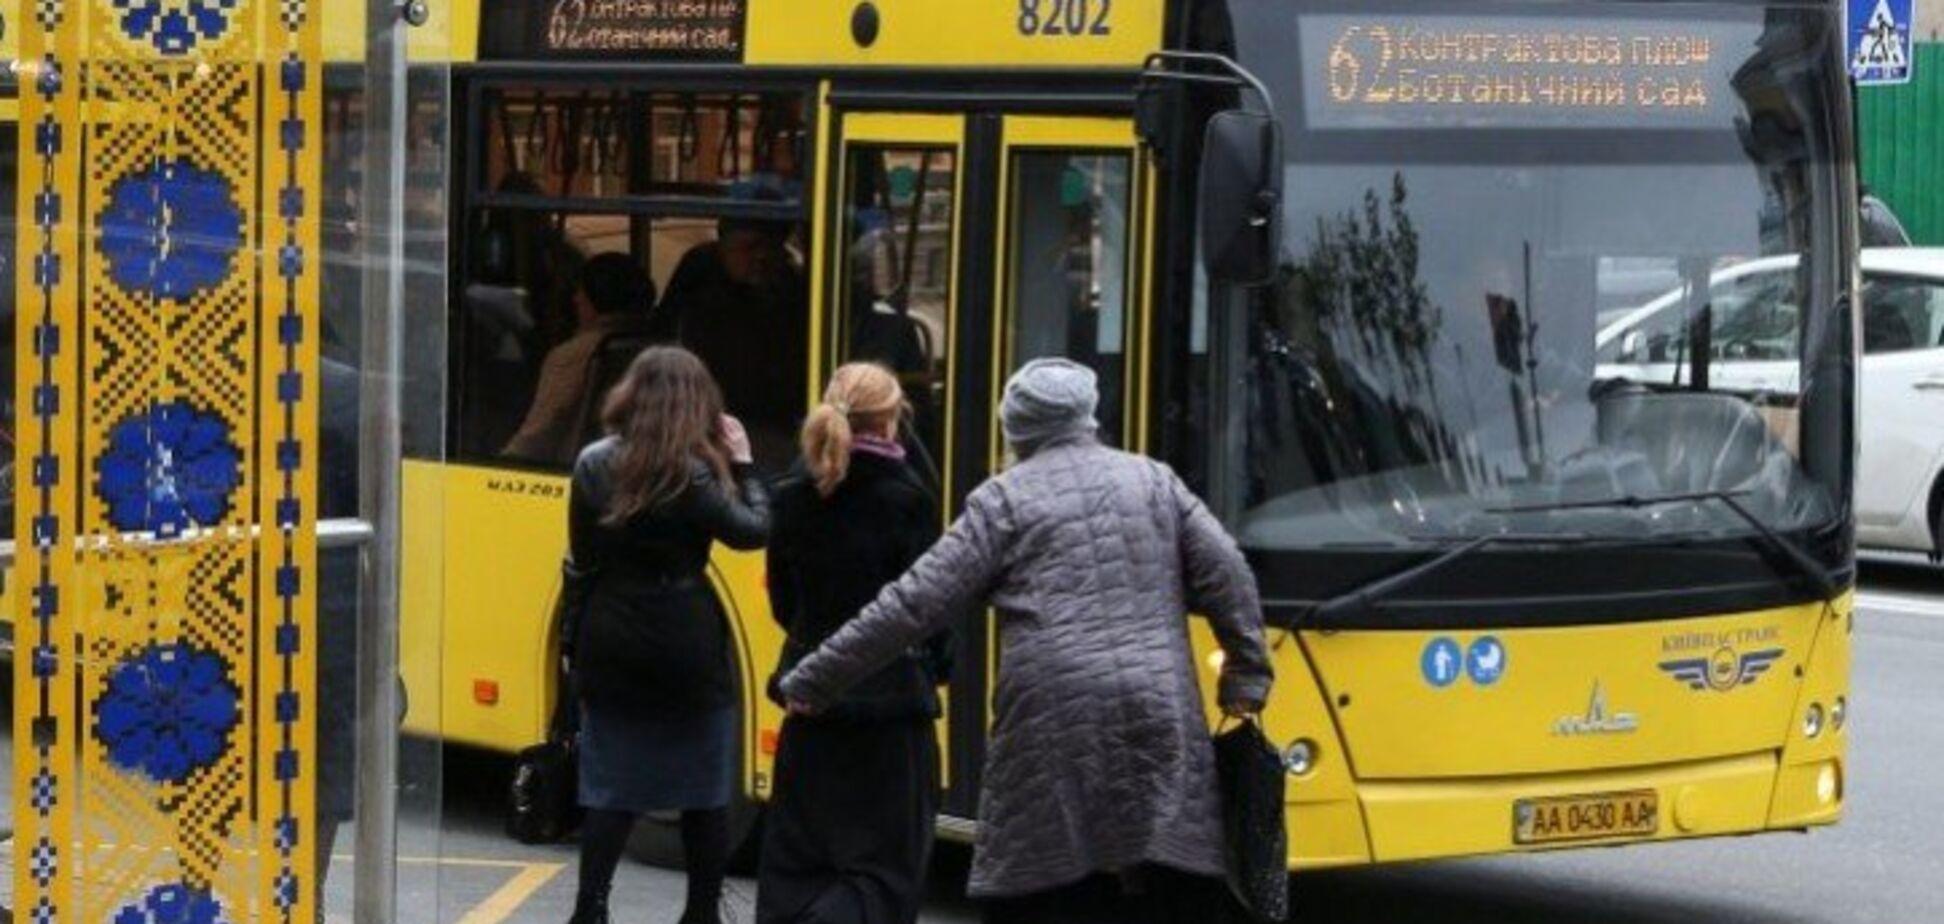 У киевлян отберут льготы на проезд: что известно